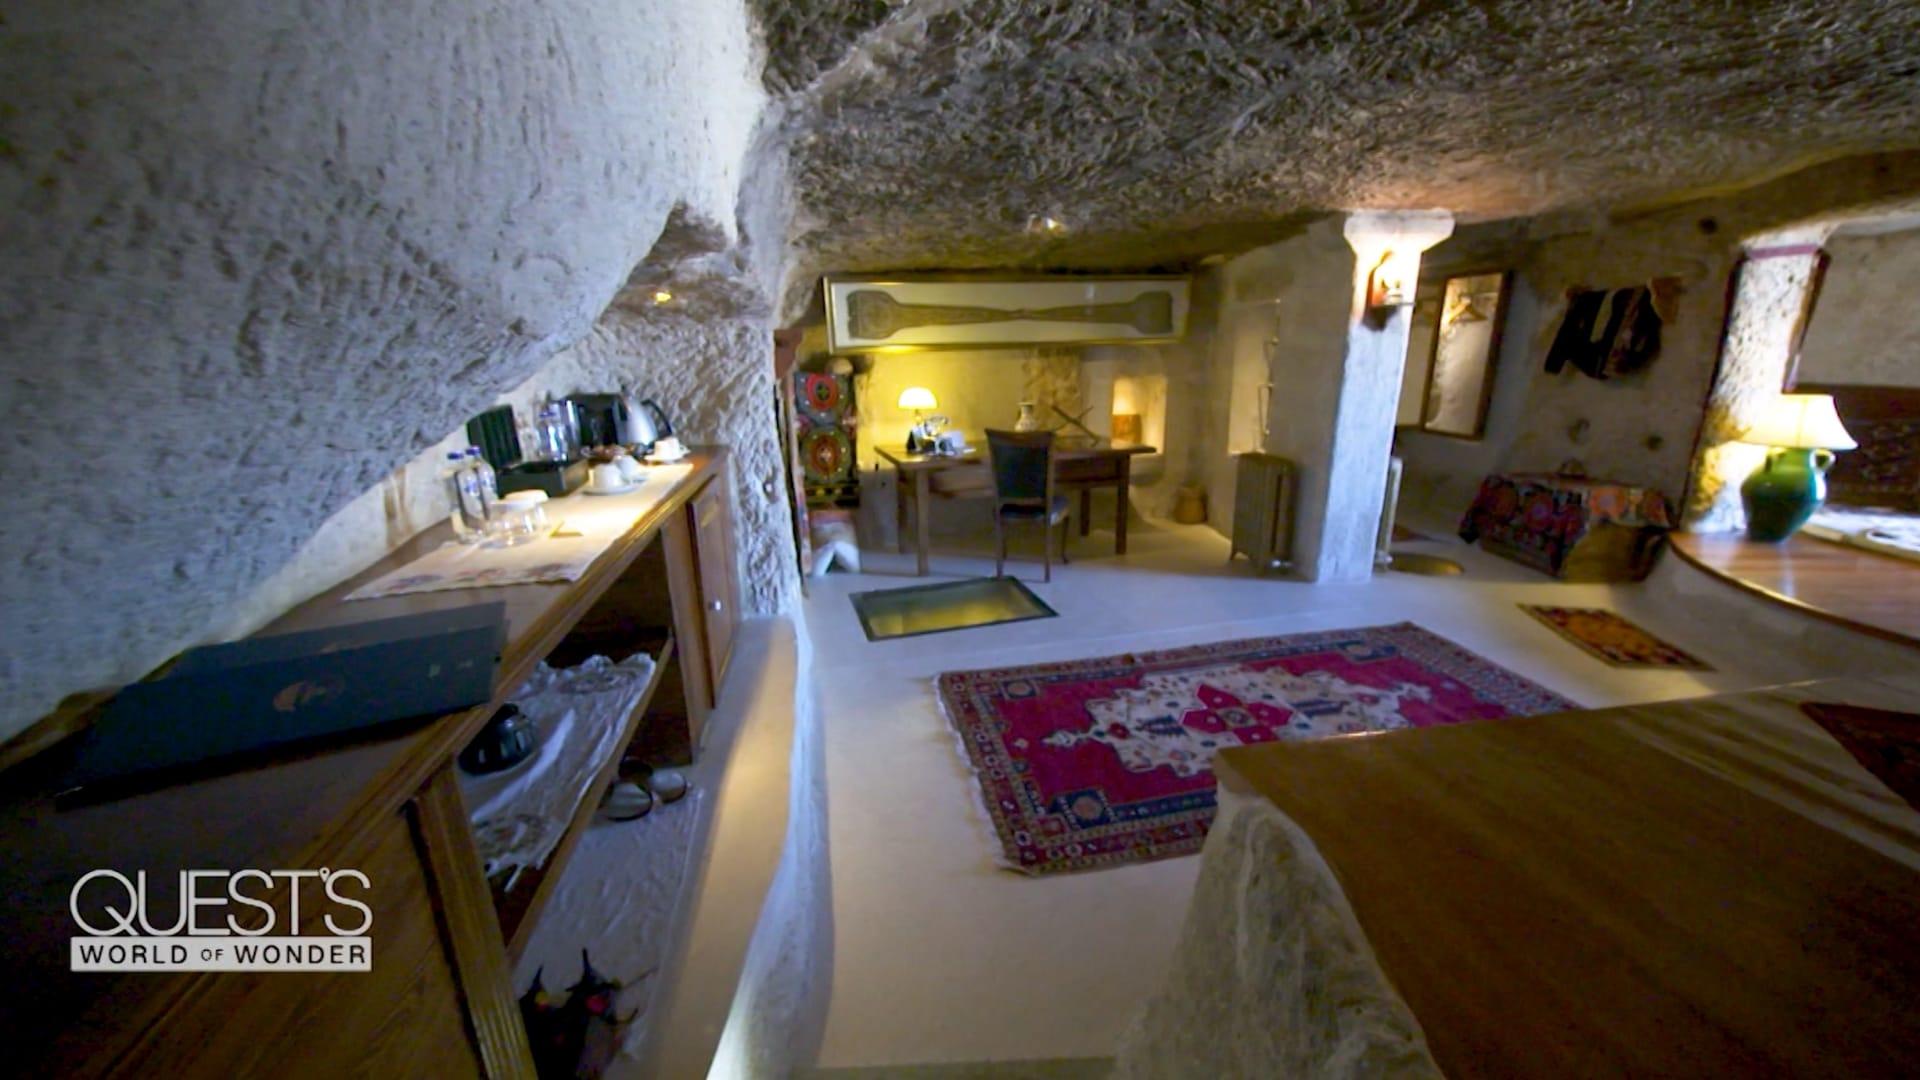 يستقبل الملوك.. فندق مبني في كهوف عمرها 1000 عام في تركيا